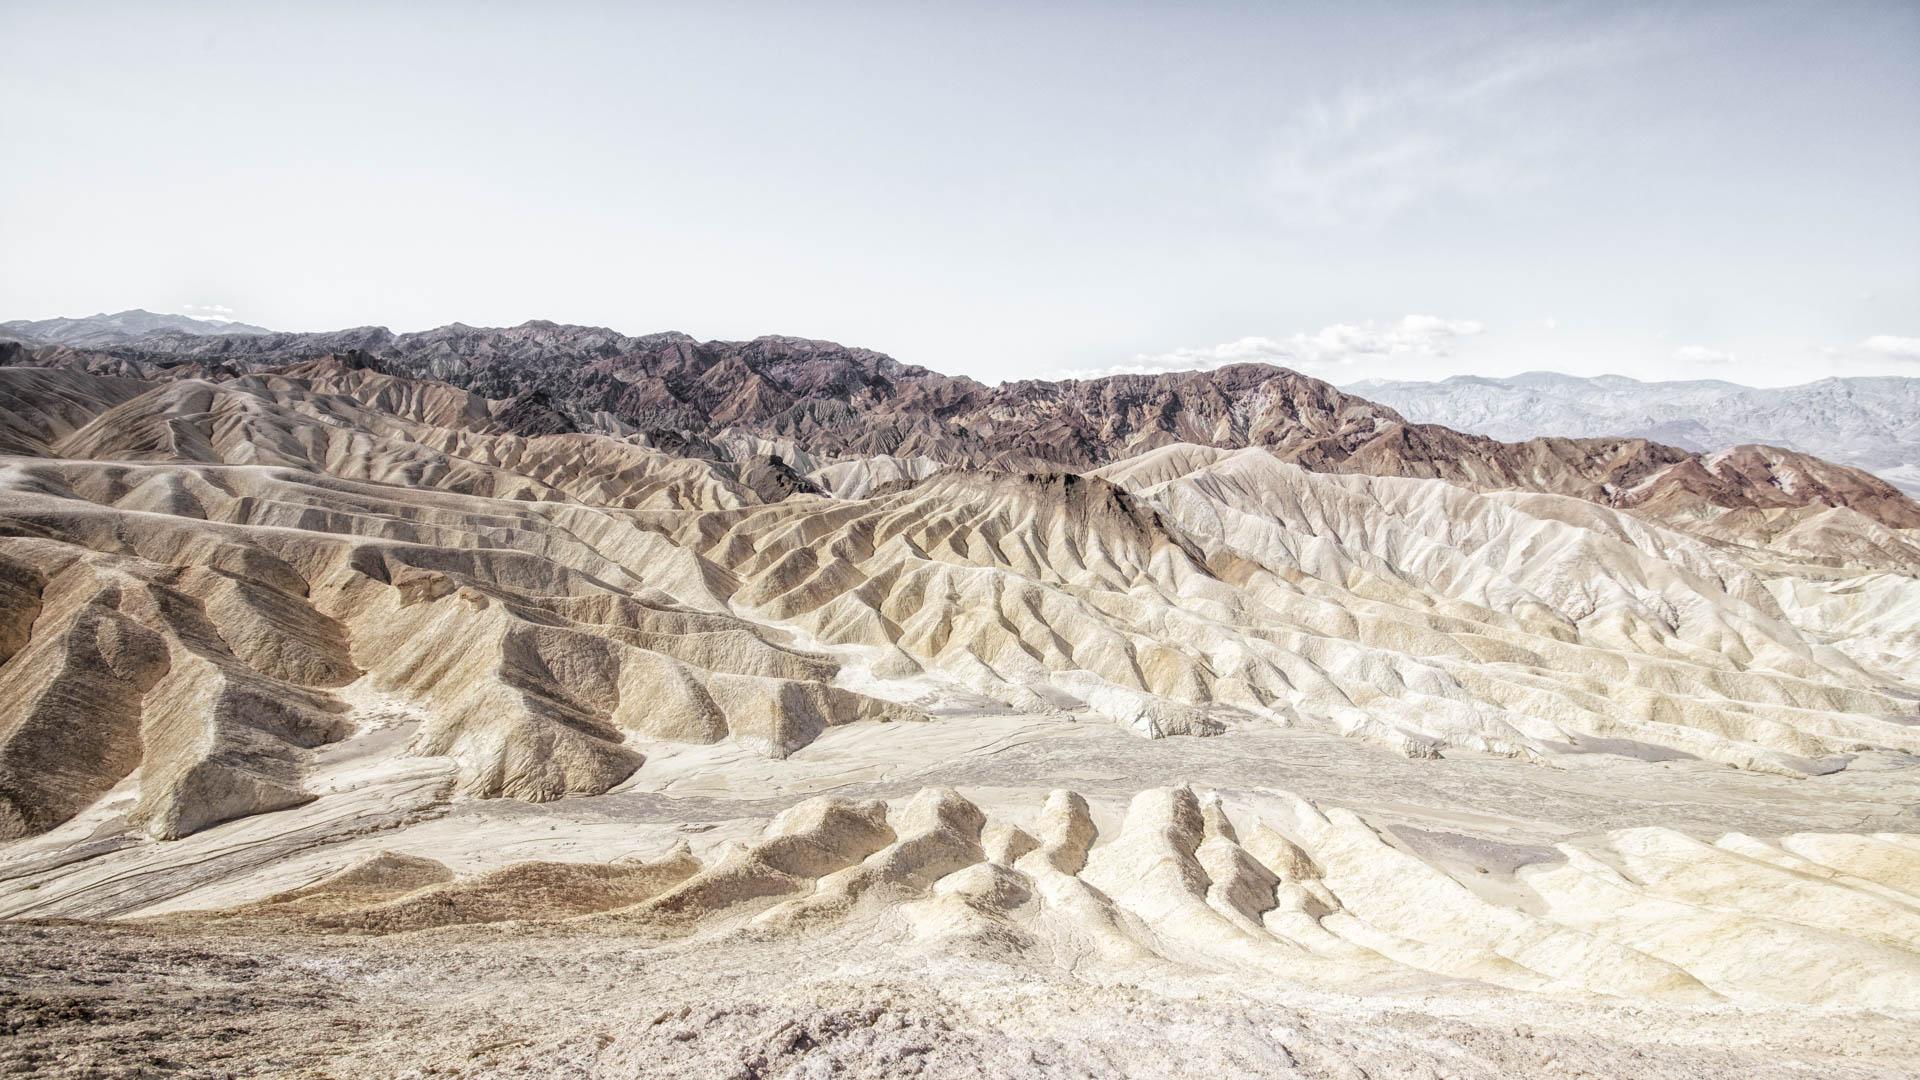 LDKphoto - Death Valley - 05.jpg